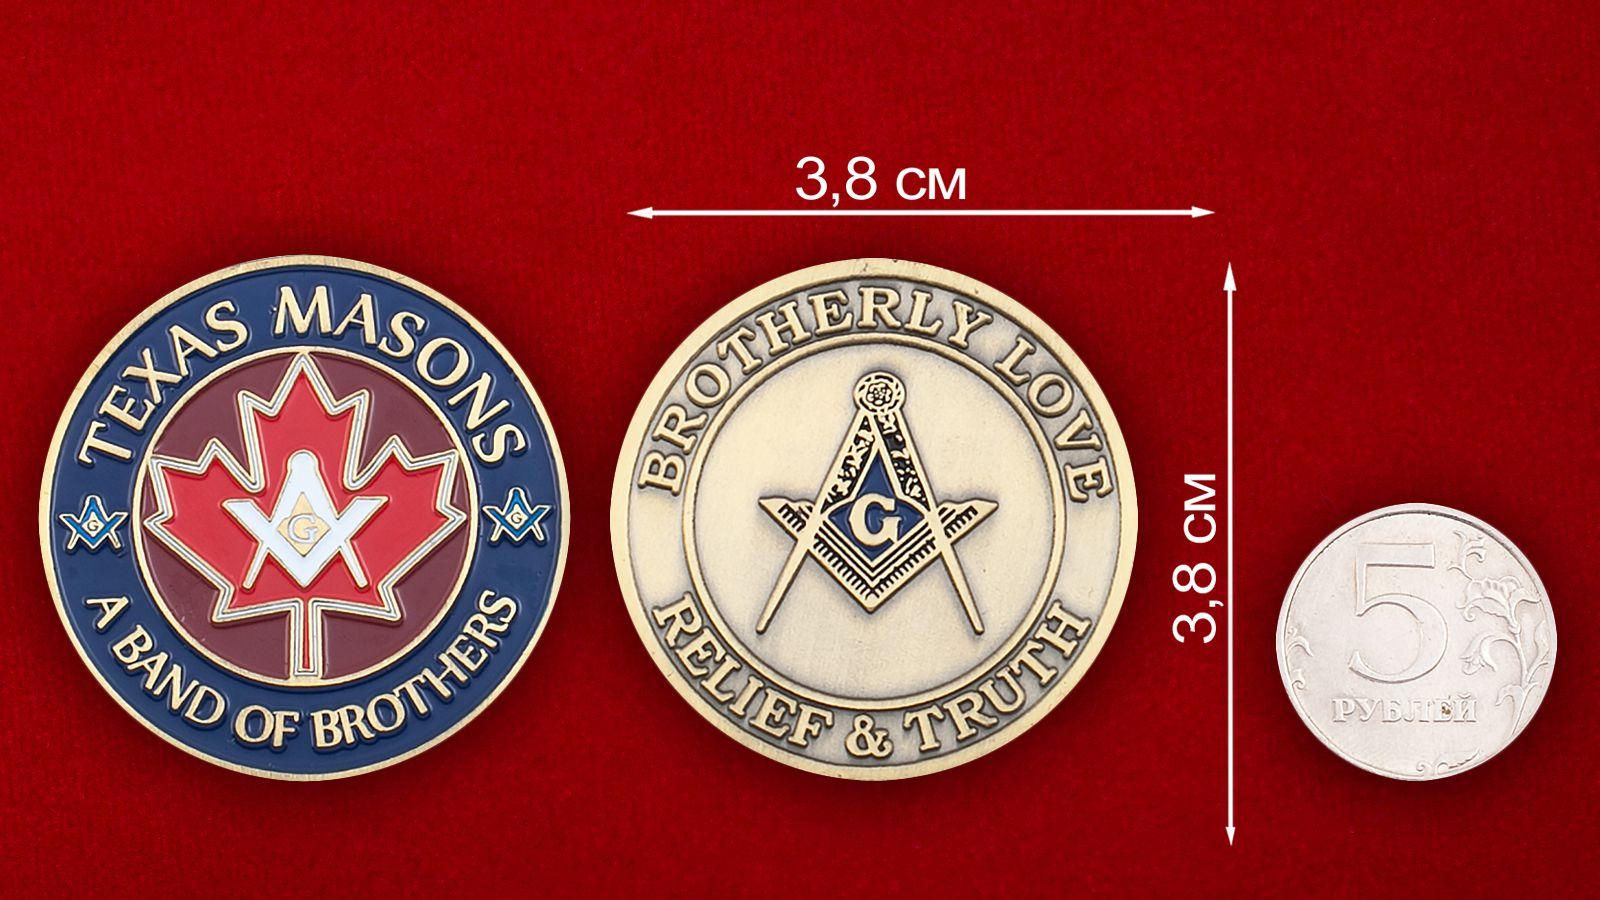 Челлендж коин масонов Техаса - сравнительный размер